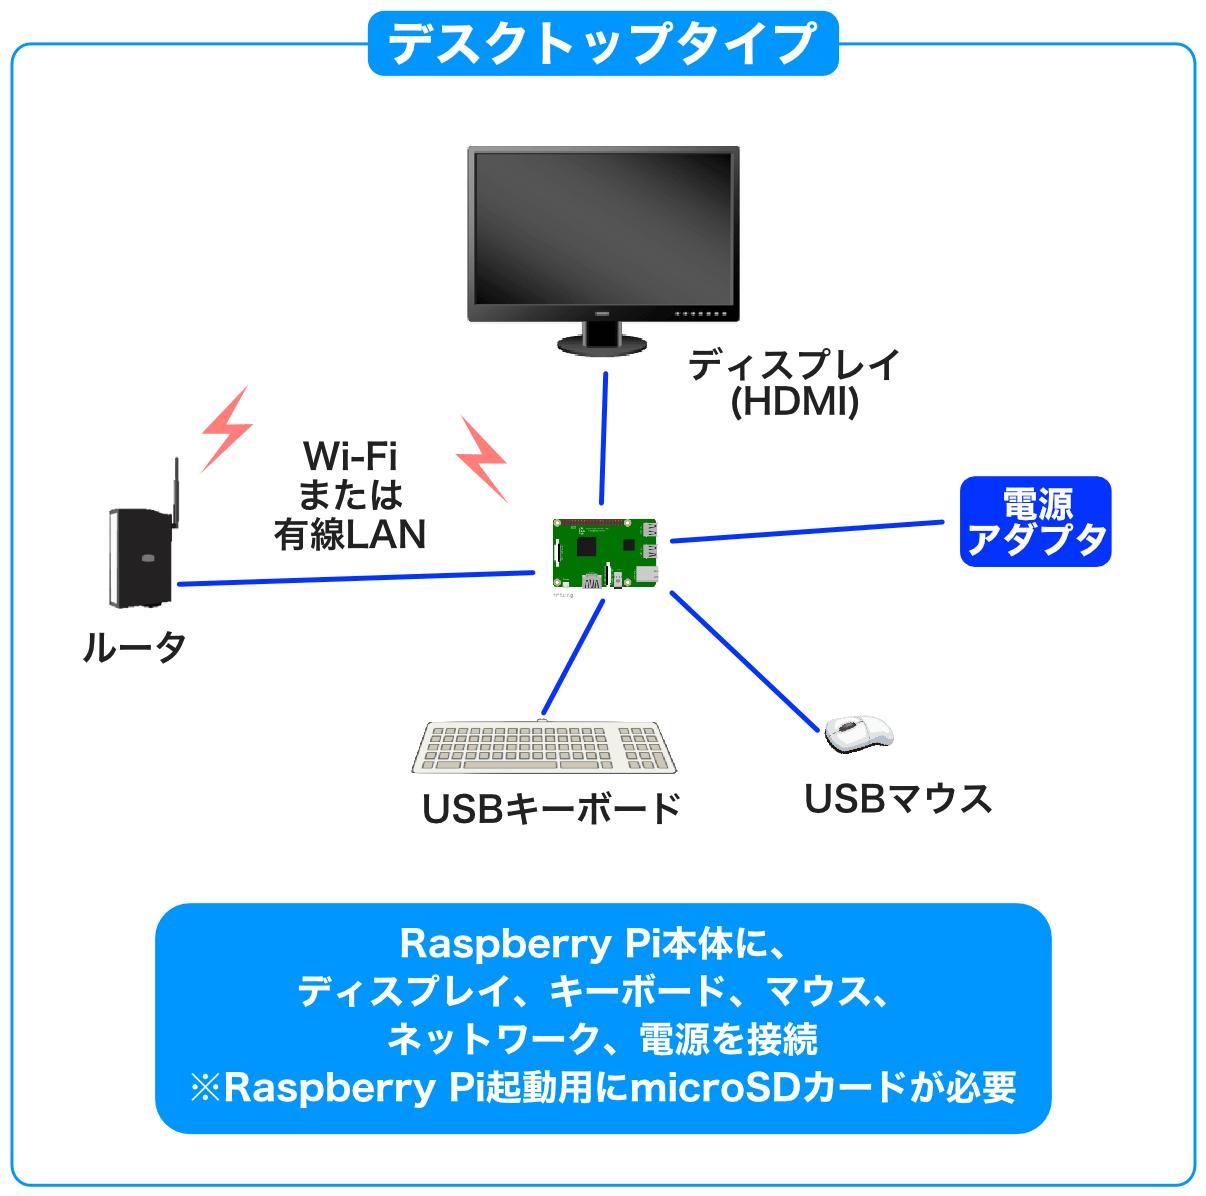 Raspberry Piデスクトップタイプ構成